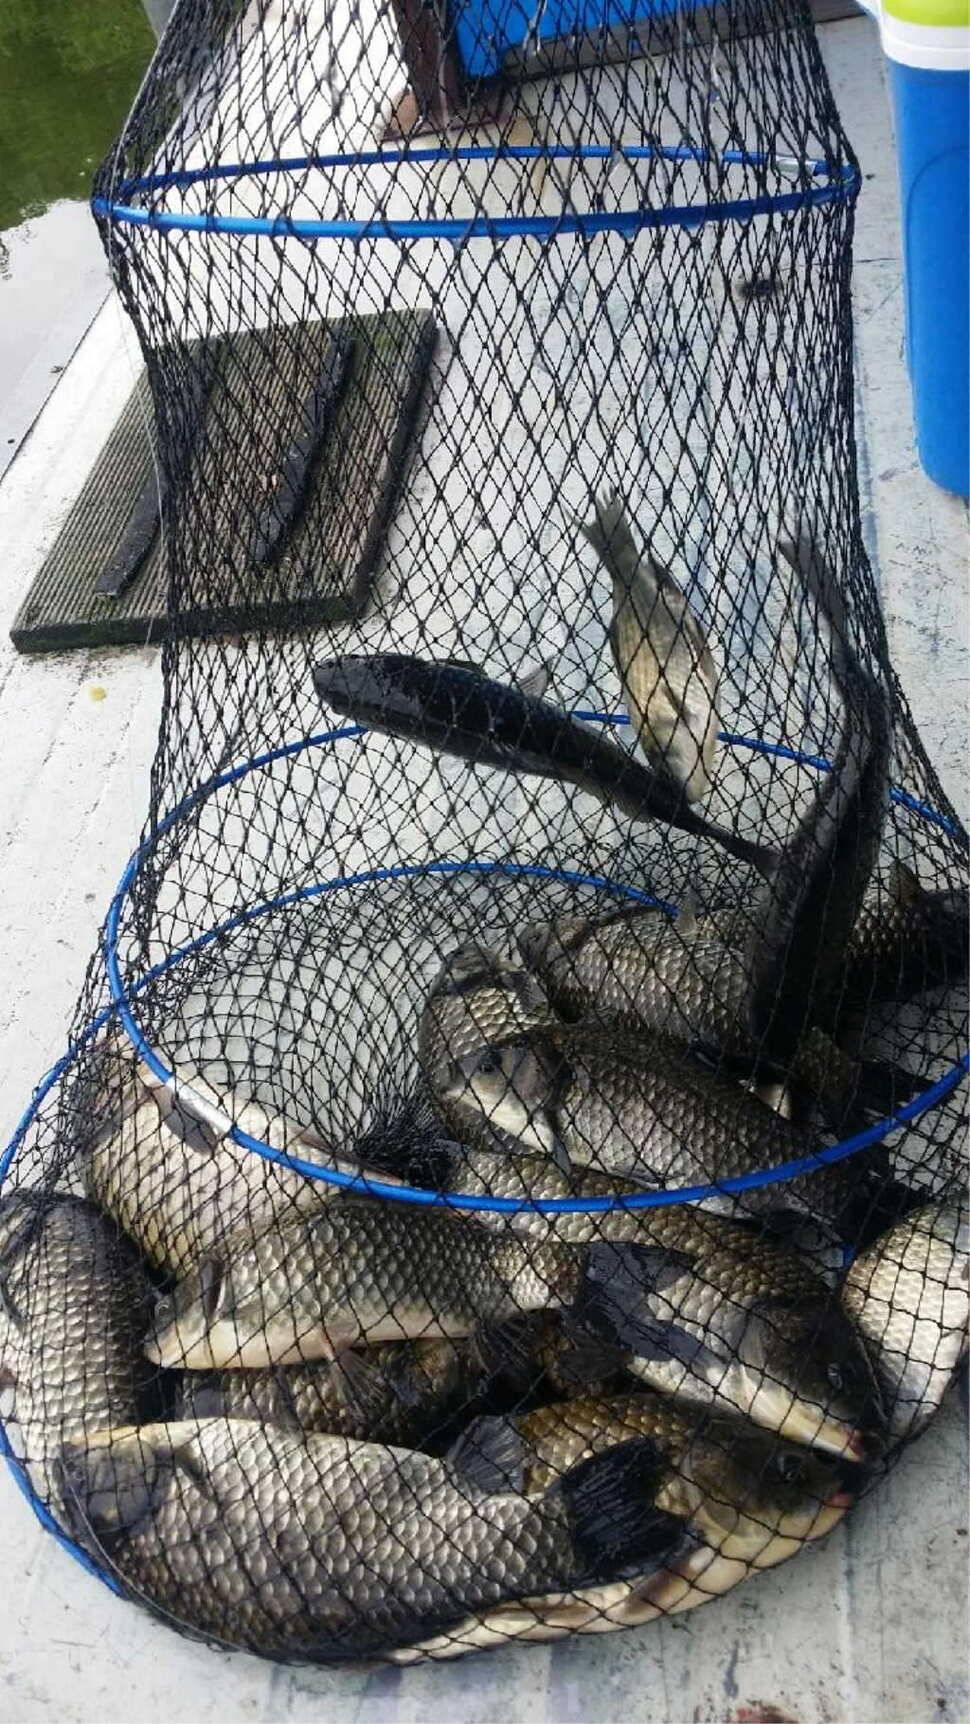 fish_pay_1230126.jpg